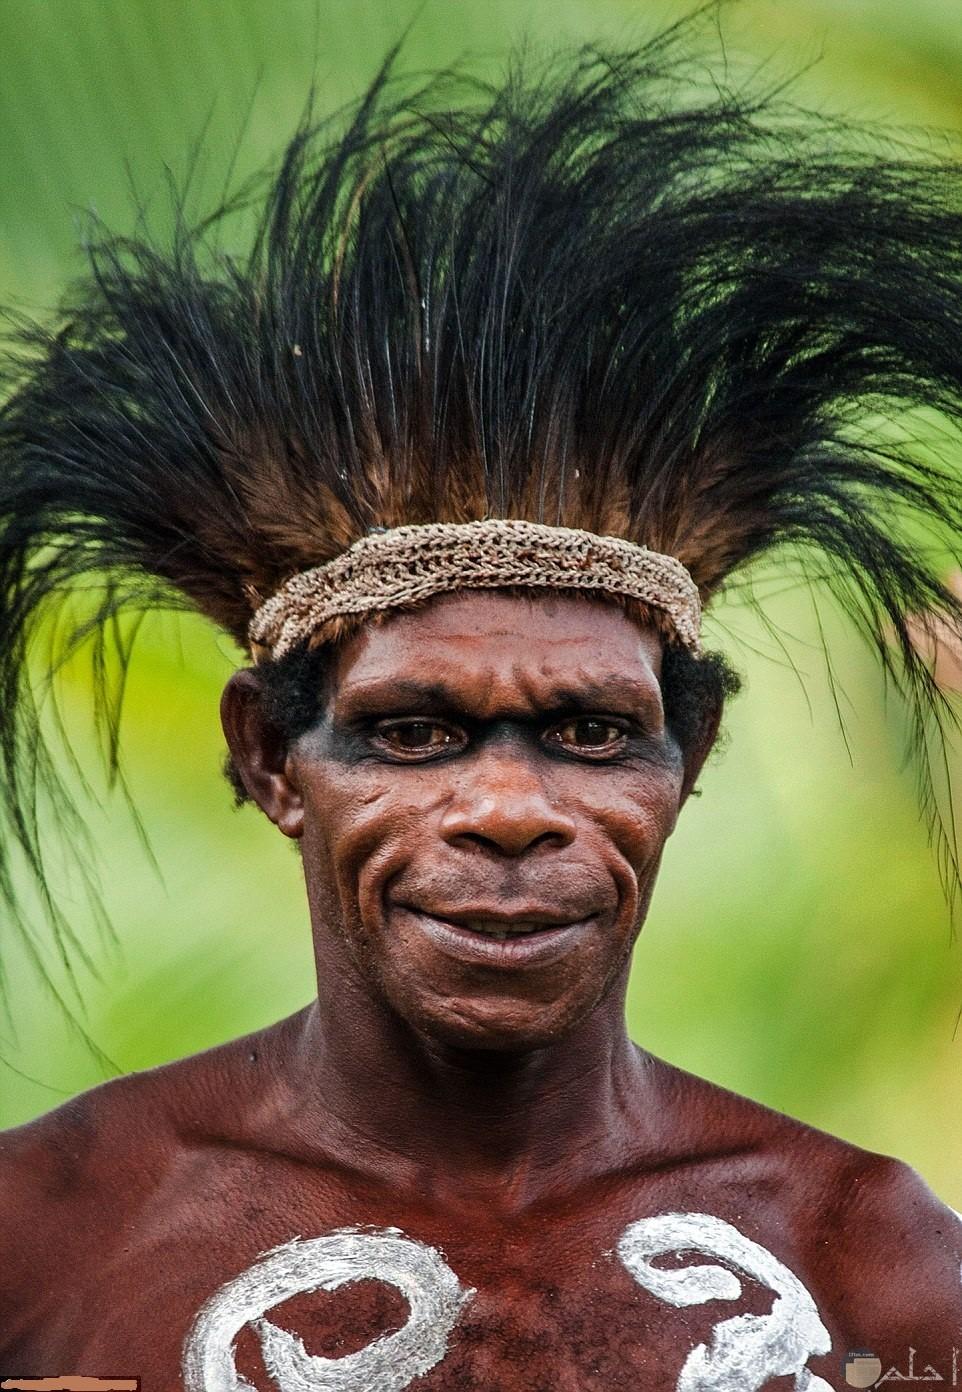 وجوه افريقية مخيفة لإحدى القبائل بالغابات الاستوائية.